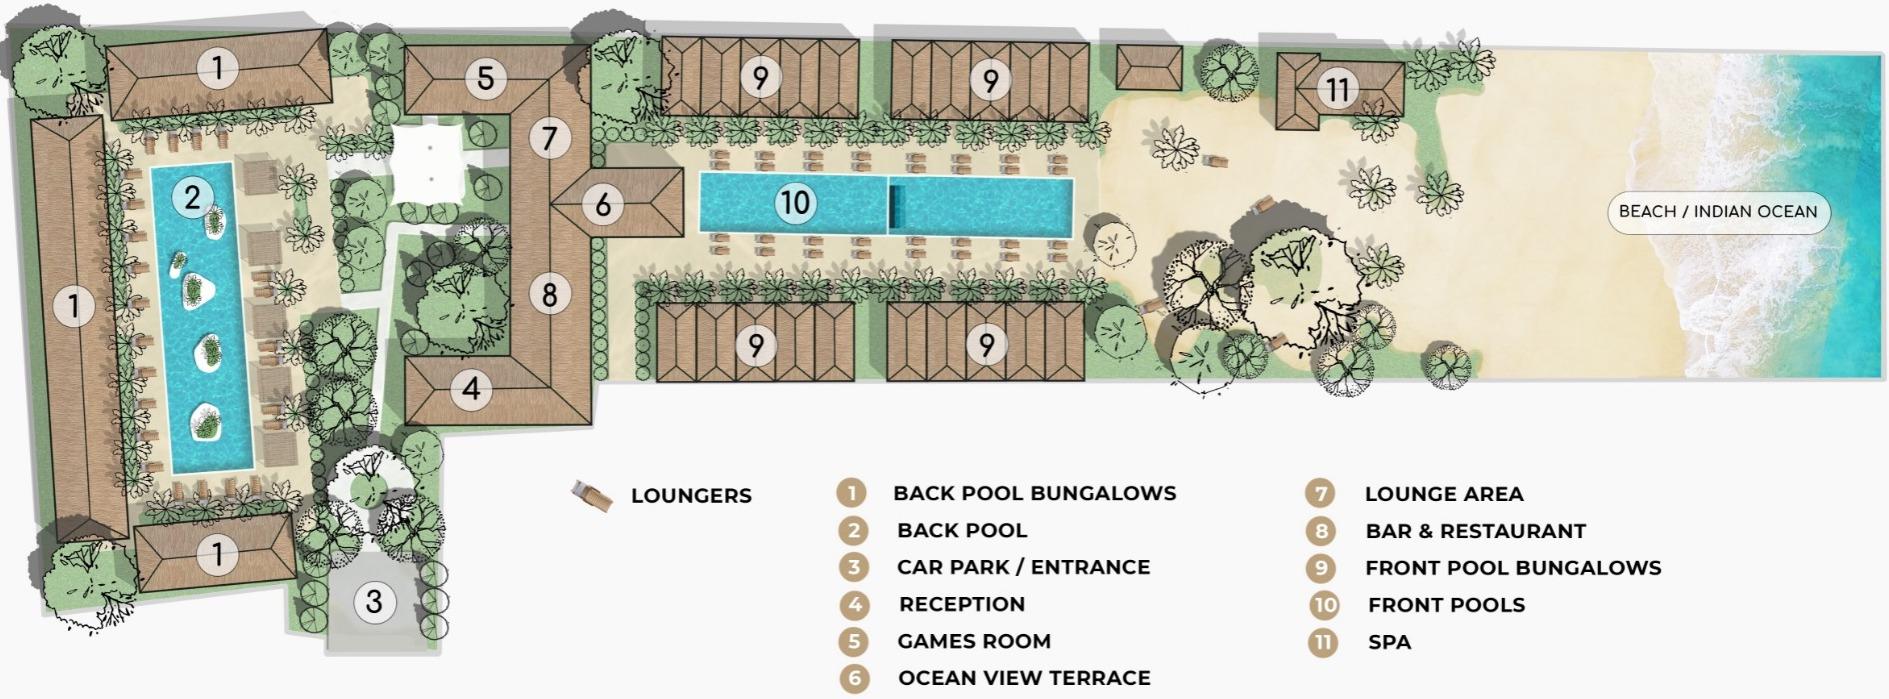 Fun Beach Hotel Site Map